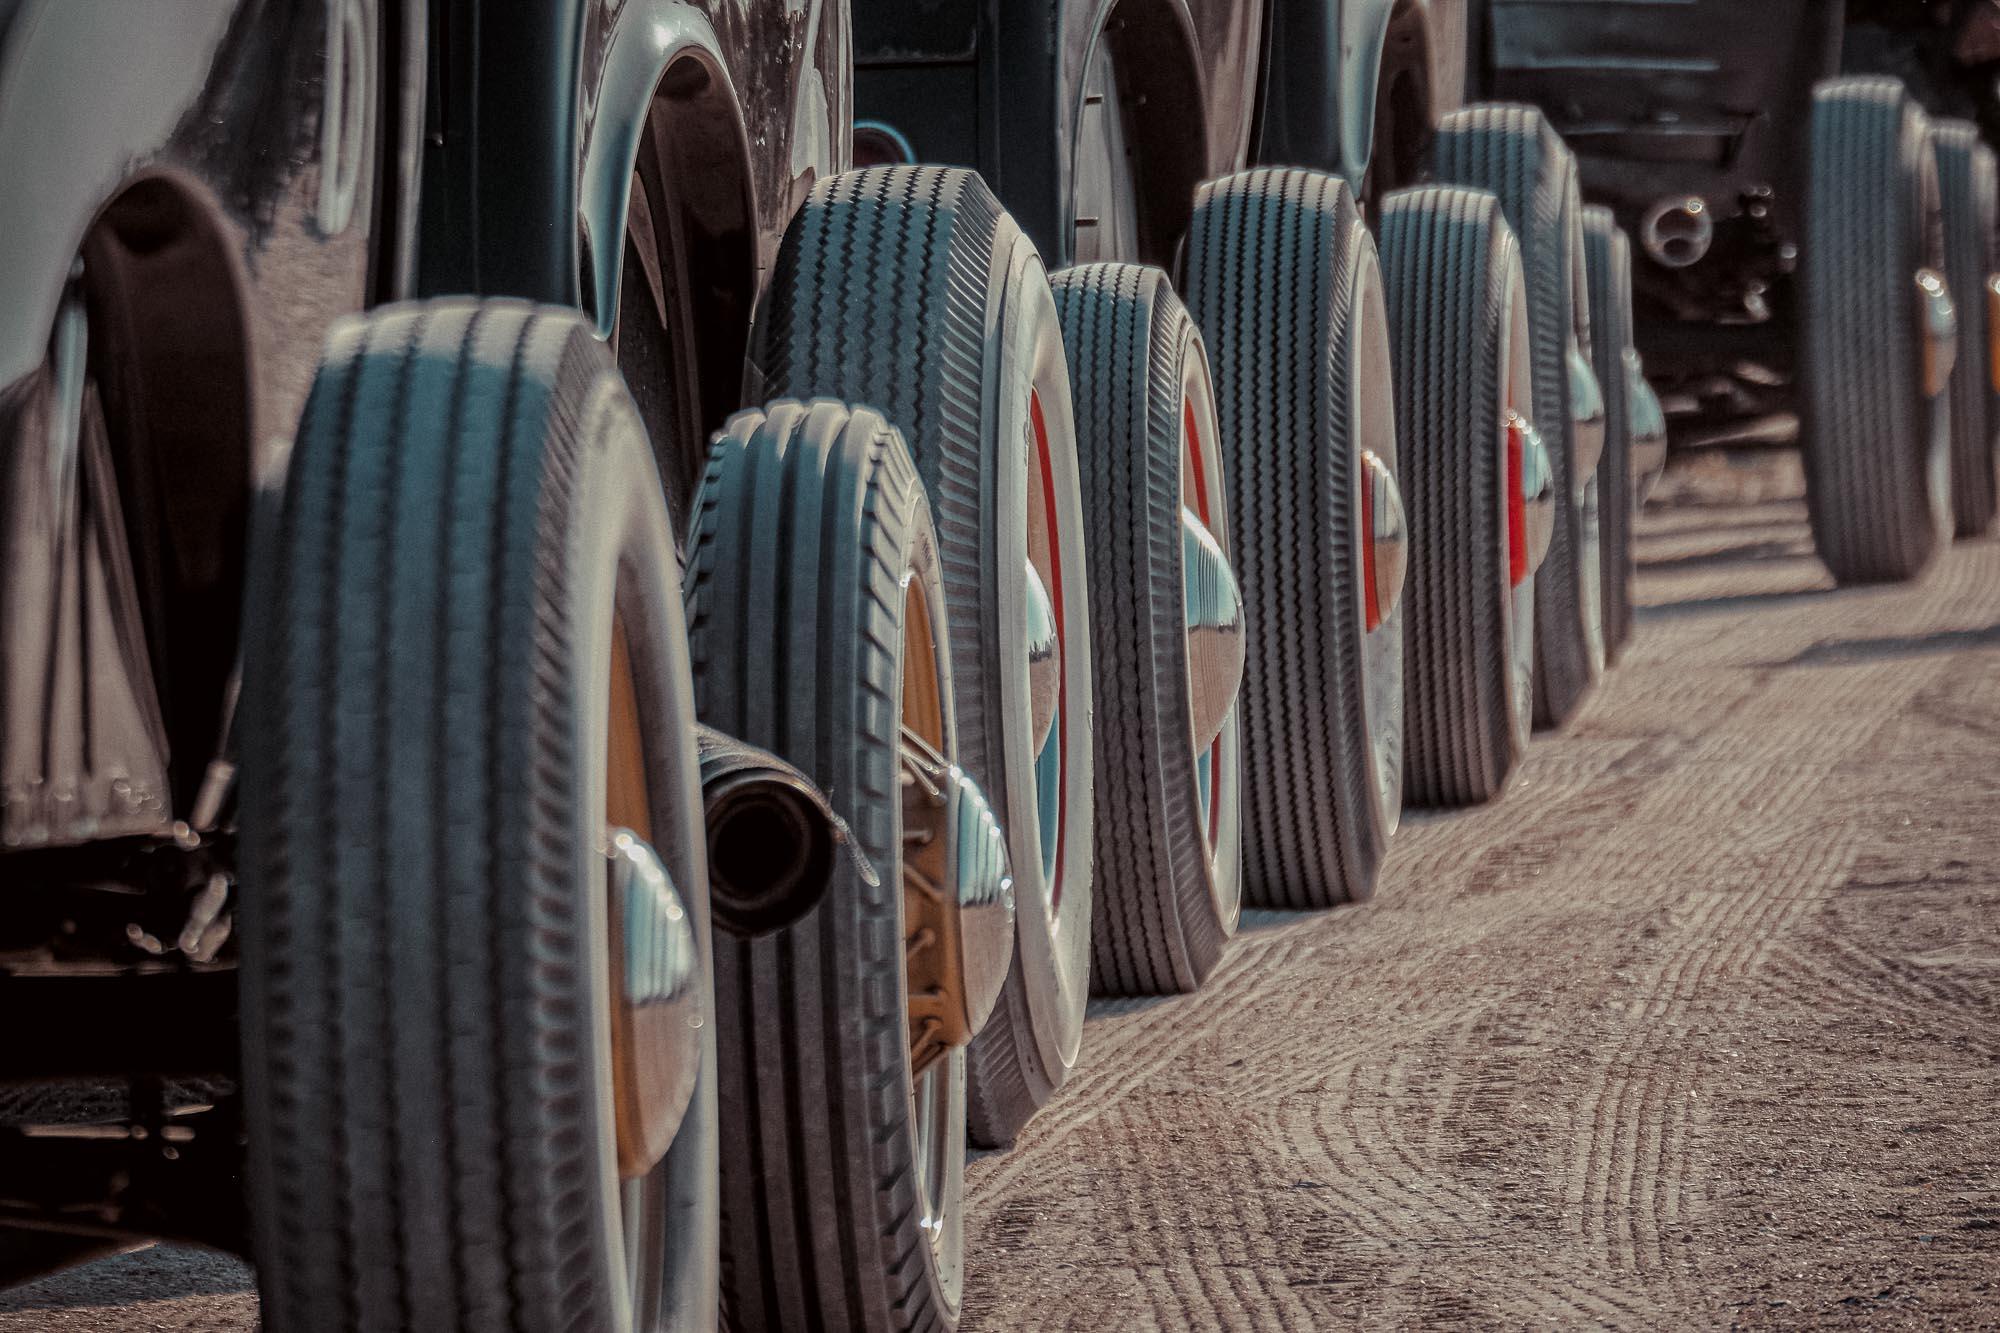 NBR2019_BenRadatz66 Tires